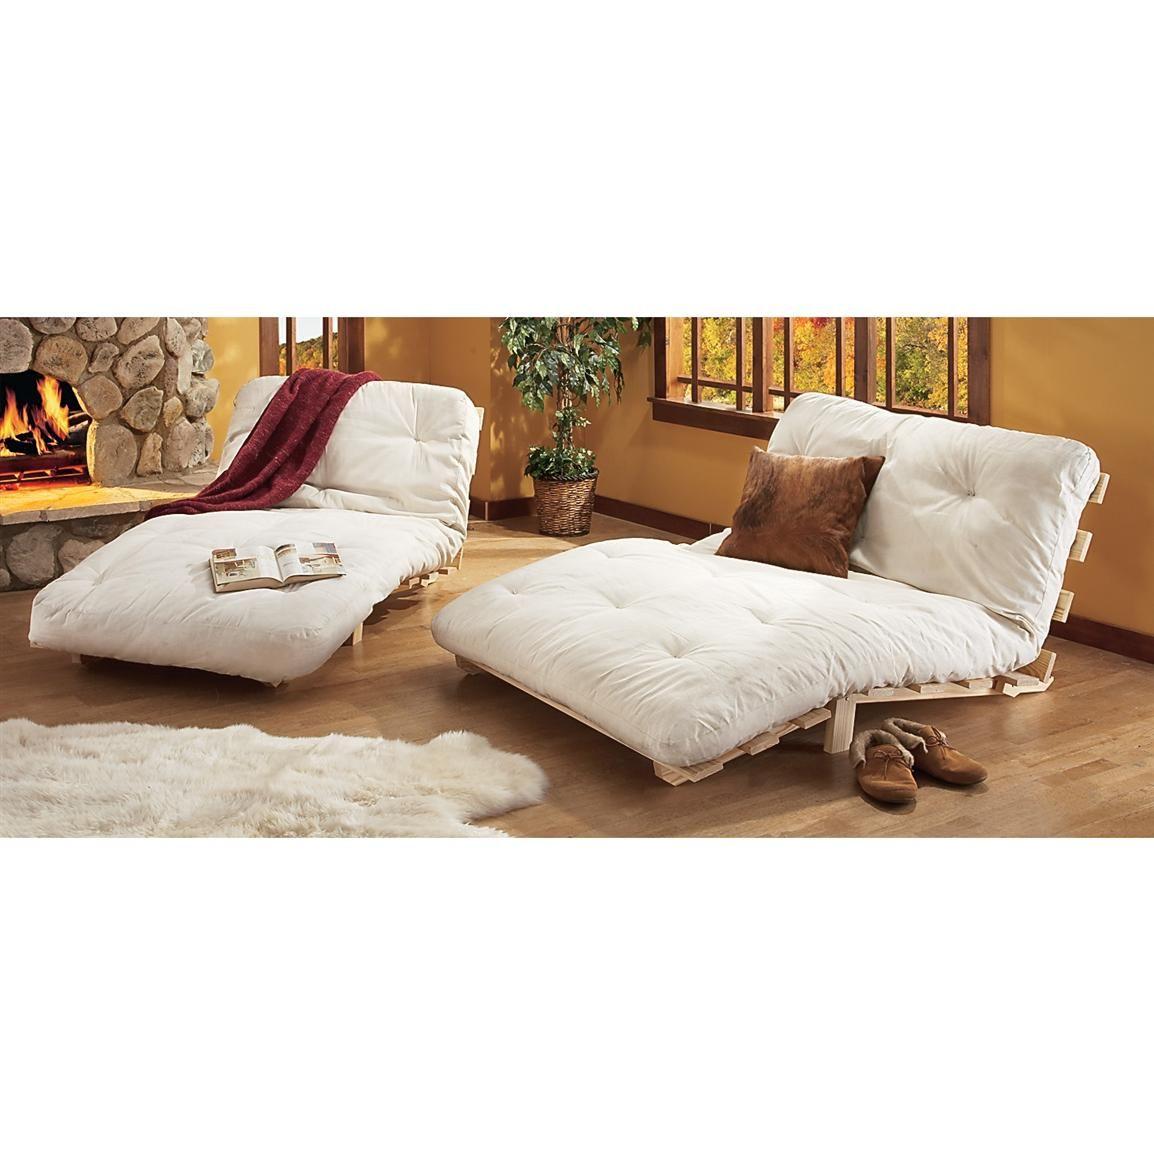 Outstanding King Size Futon Sofa , Unique King Size Futon